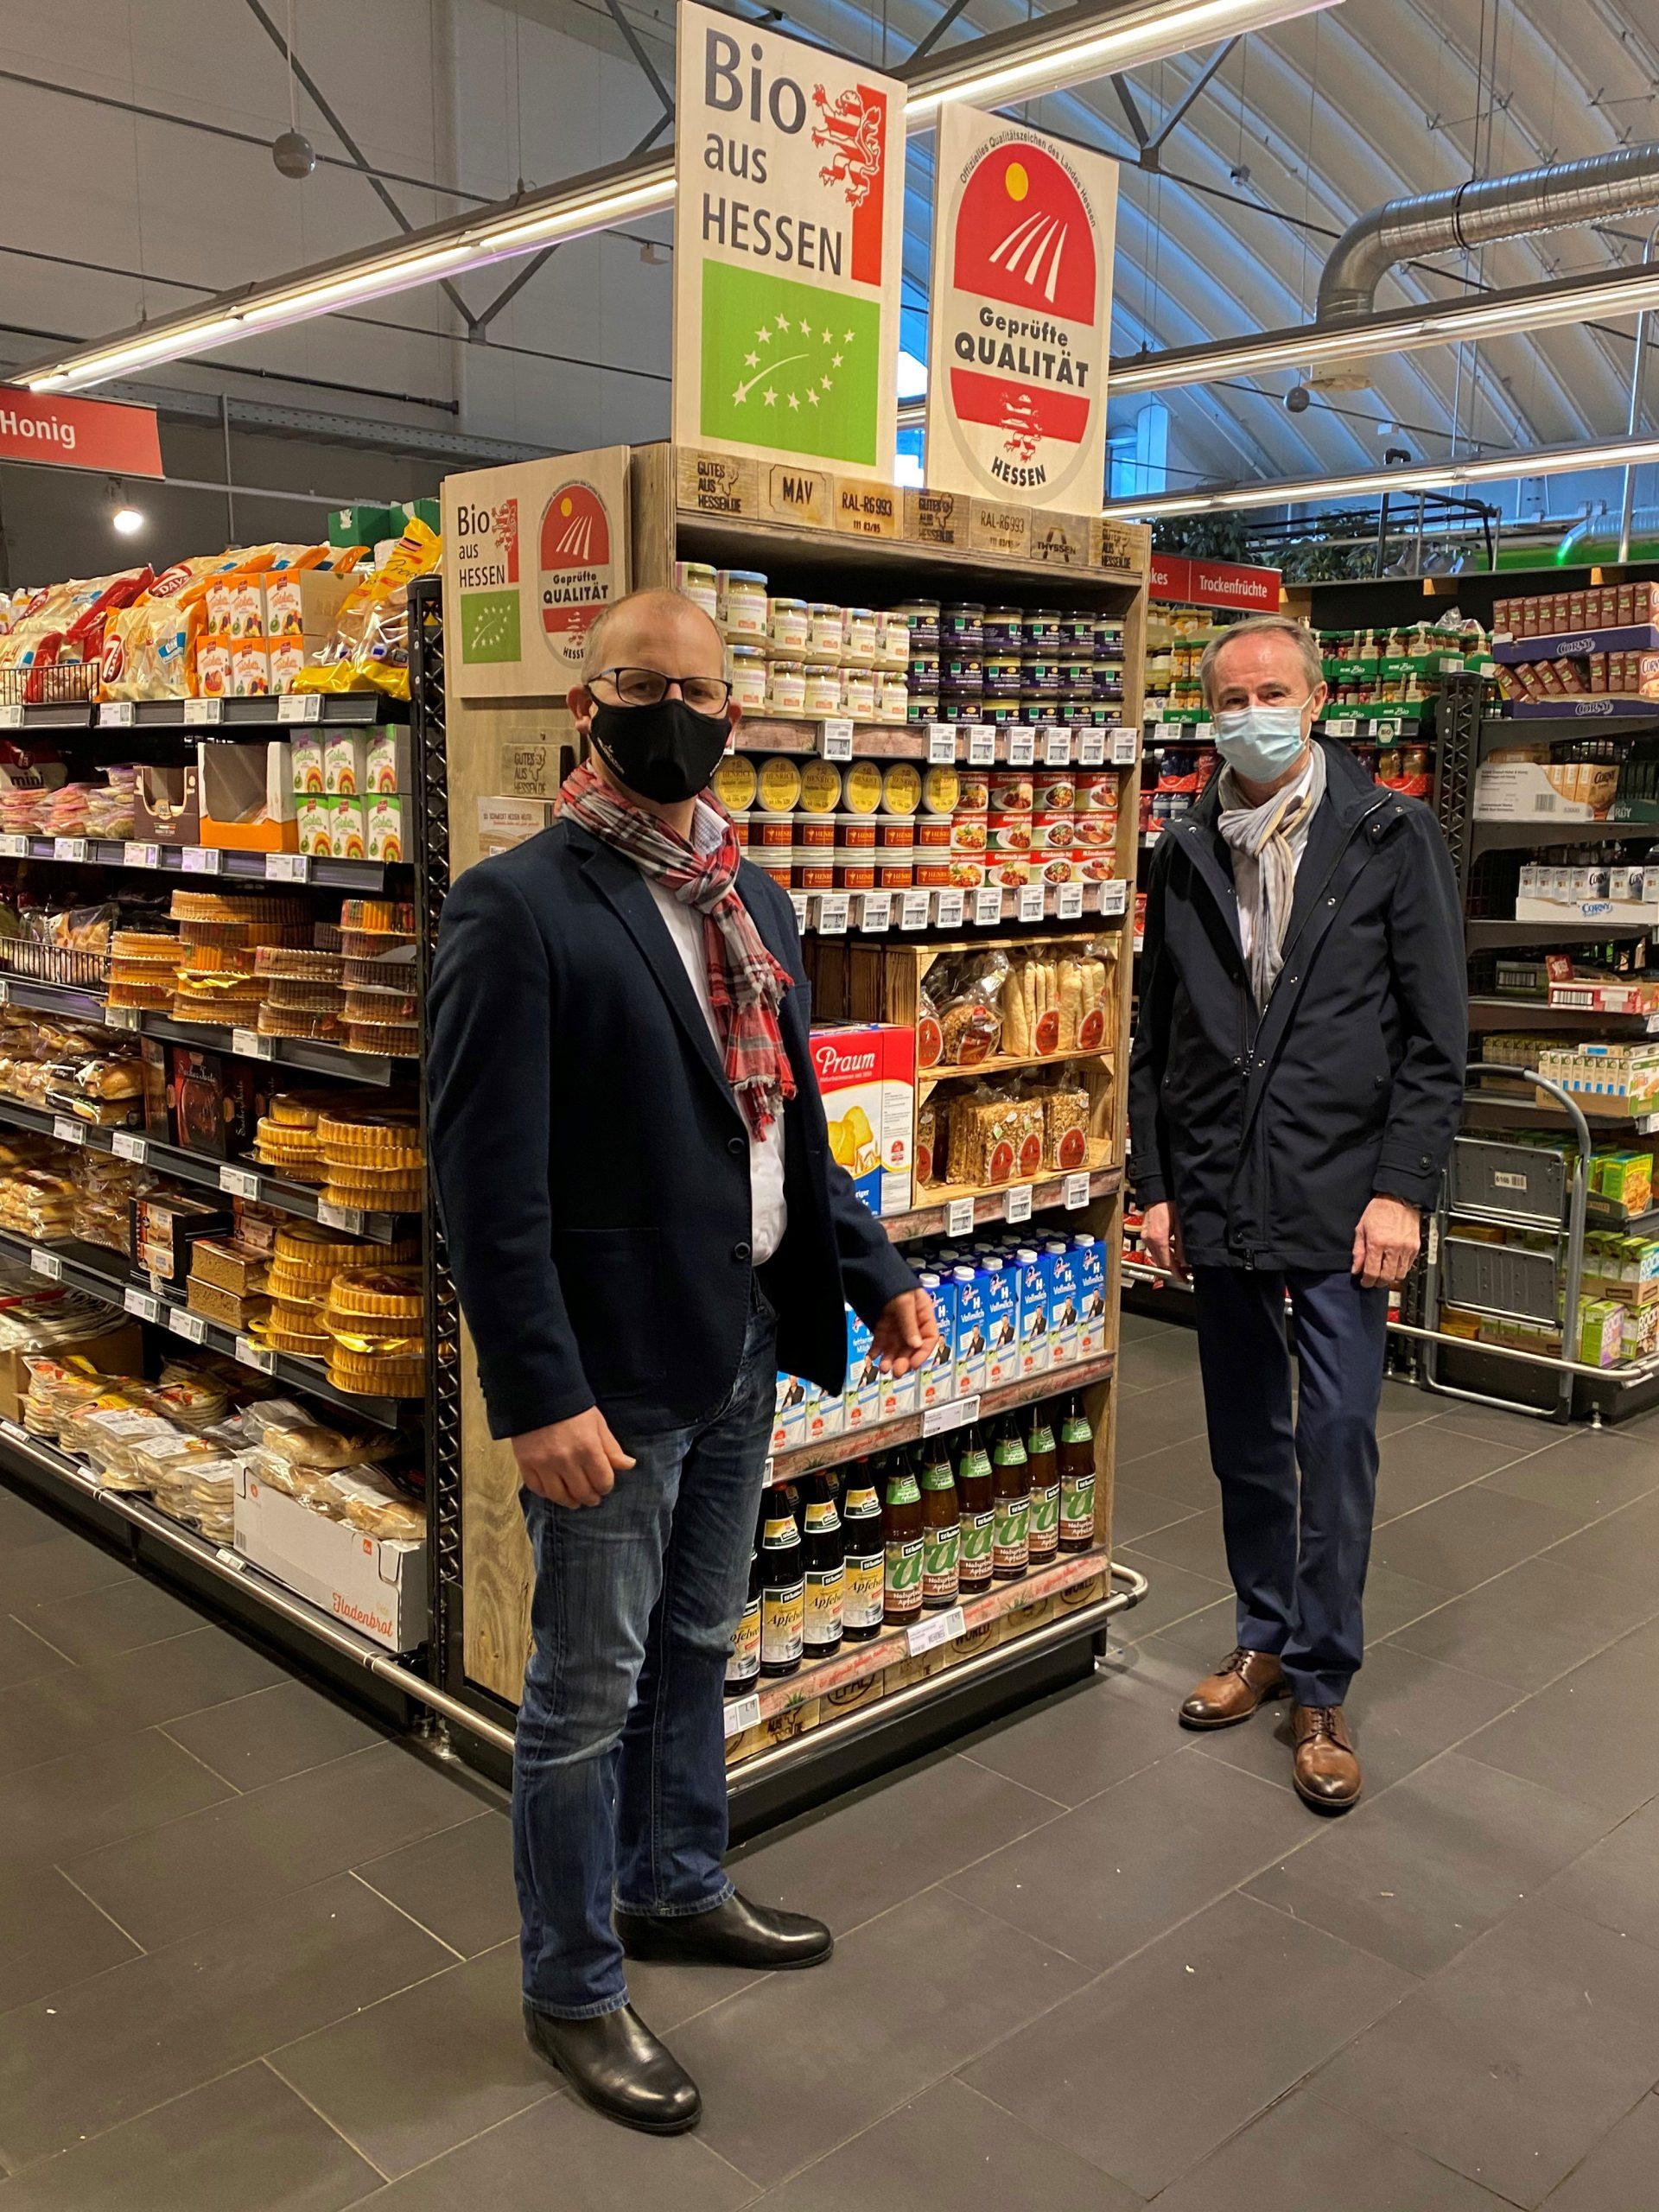 Neues Regal gefüllt mit Produkten, die die Siegel Bio aus Hessen und Geprüfte Qualität - Hessen tragen im Rewe Center Bad Nauheim